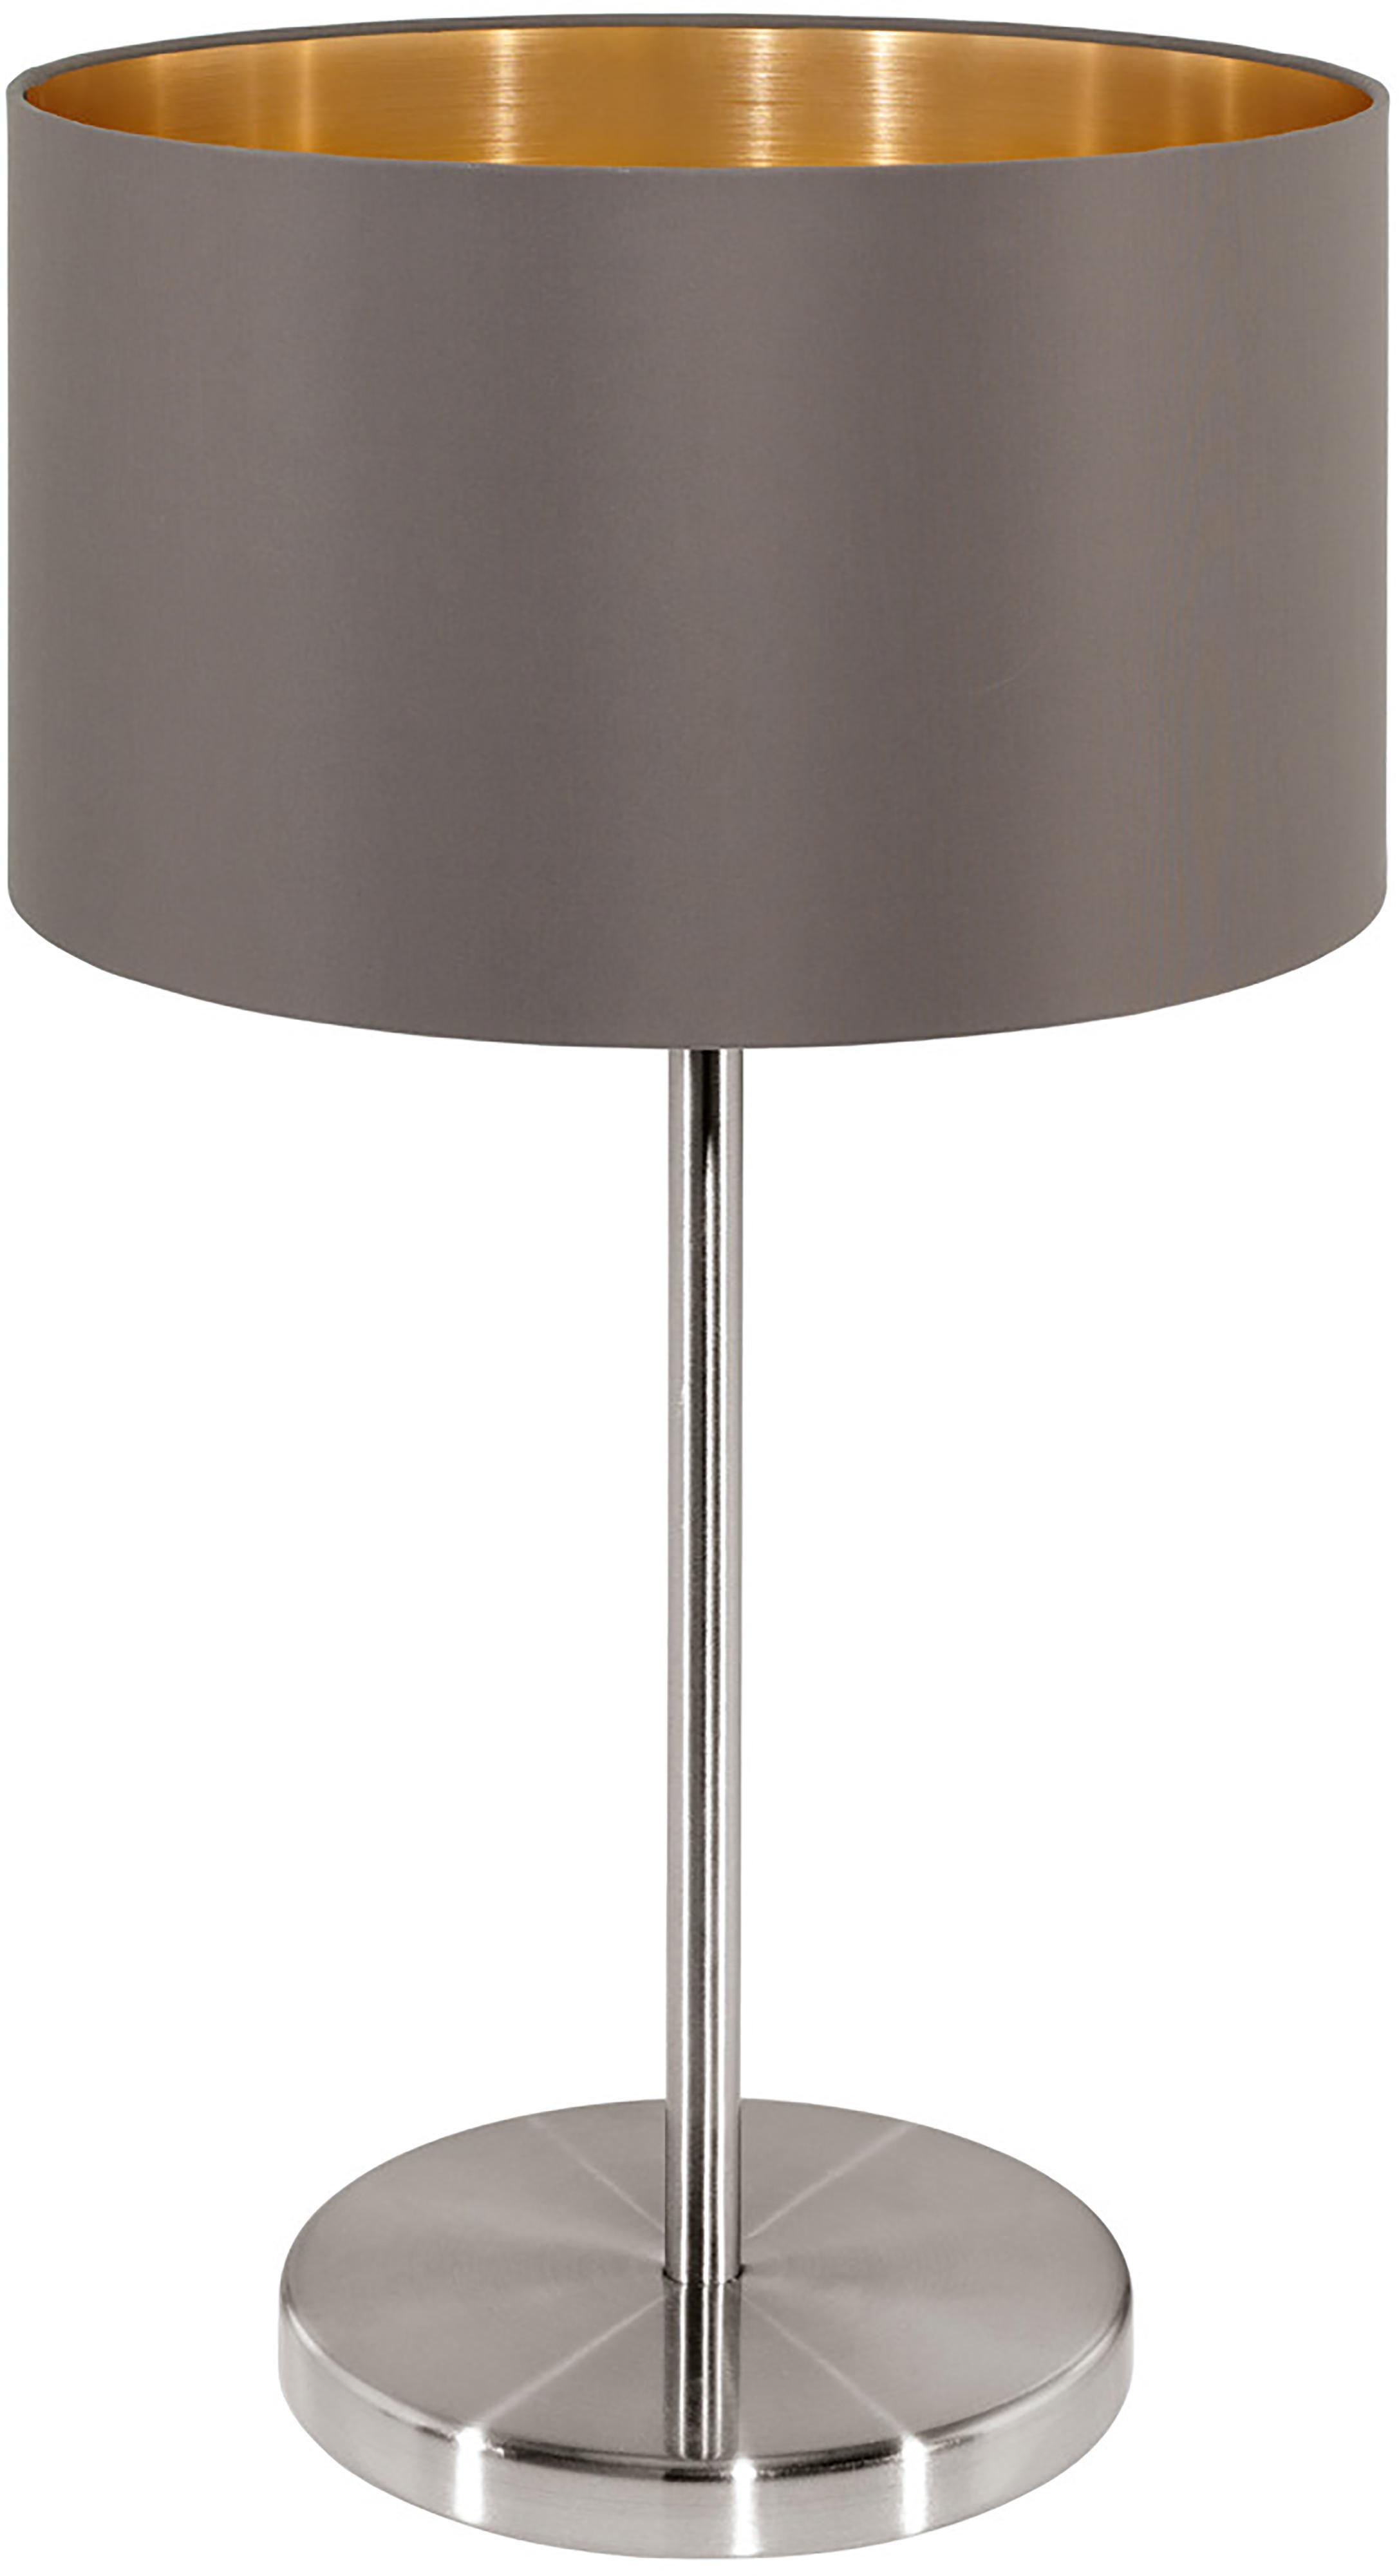 Tischlampe Jamie mit Gold, Grau-Beige,Silberfarben, ∅ 23 x H 42 cm